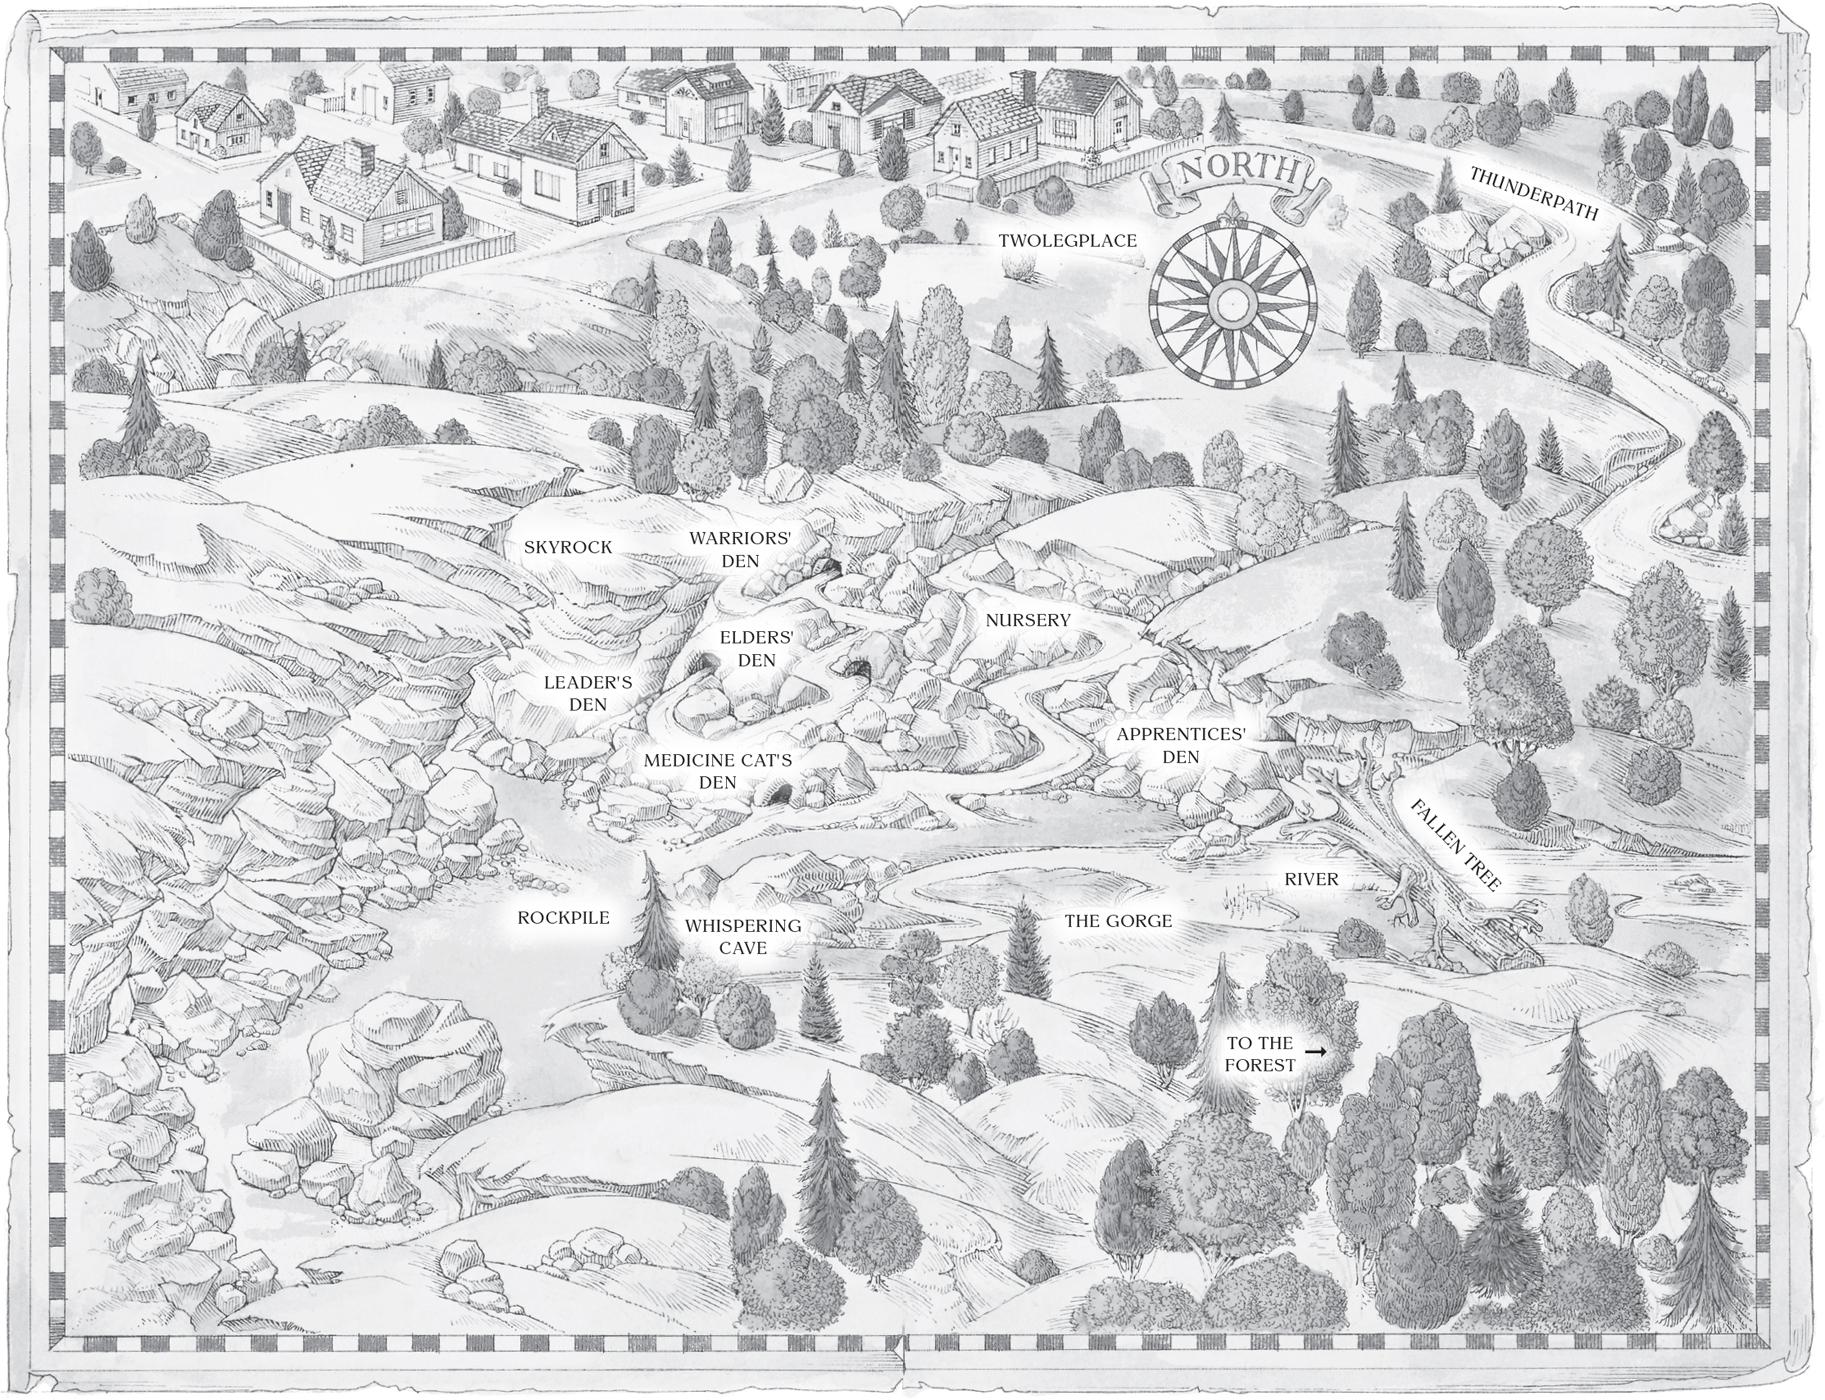 download bericht über die smoke abatement exhibition london winter 188182 an das königlich sächsische ministerium des innern in